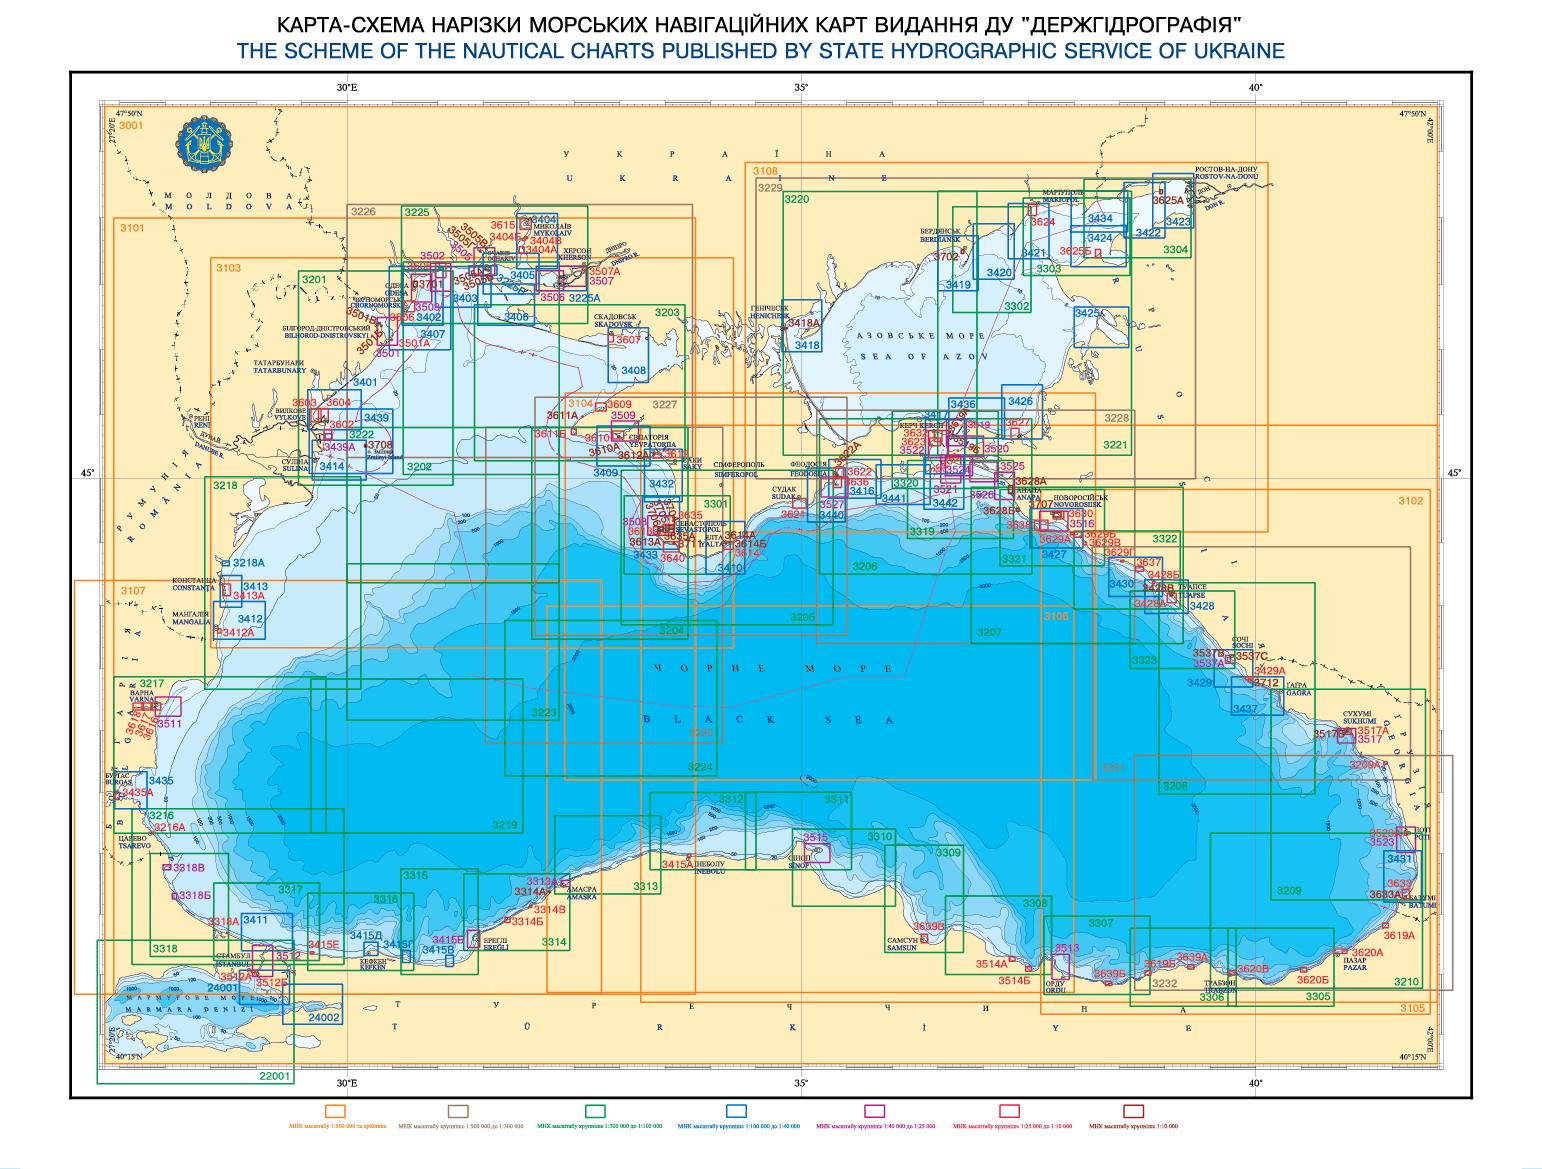 Nautical Free - Free nautical charts & publications: Ukraine, United